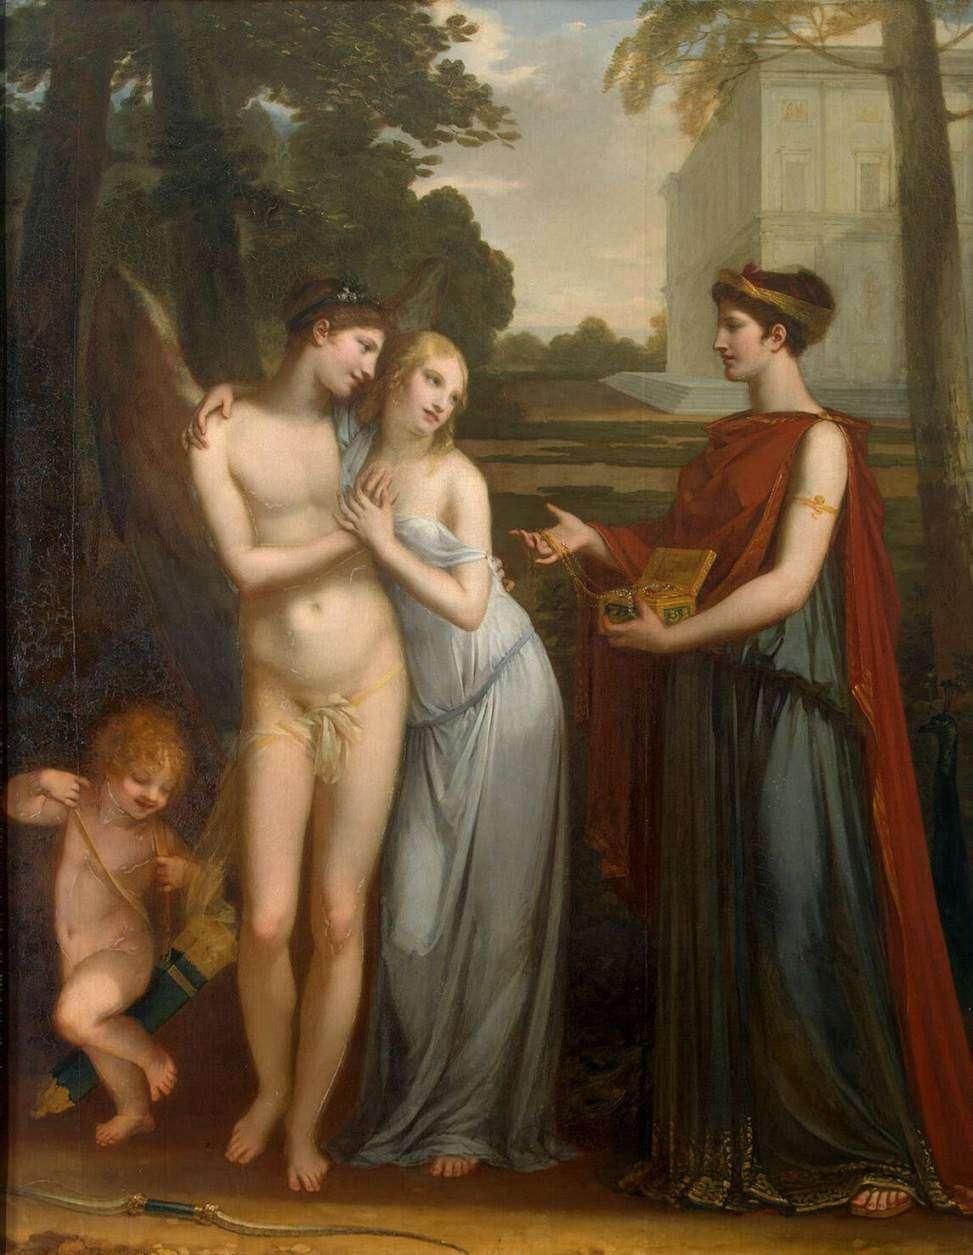 Η αθωότητα επιλέγει τον έρωτα από τον πλούτο, 1804, Αγία Πετρούπολη, Ερμιτάζ. Πιερ-Πωλ Πρυντόν (Pierre-Paul Prud'hon, 4 Απριλίου 1758 – 16 Φεβρουαρίου 1823).